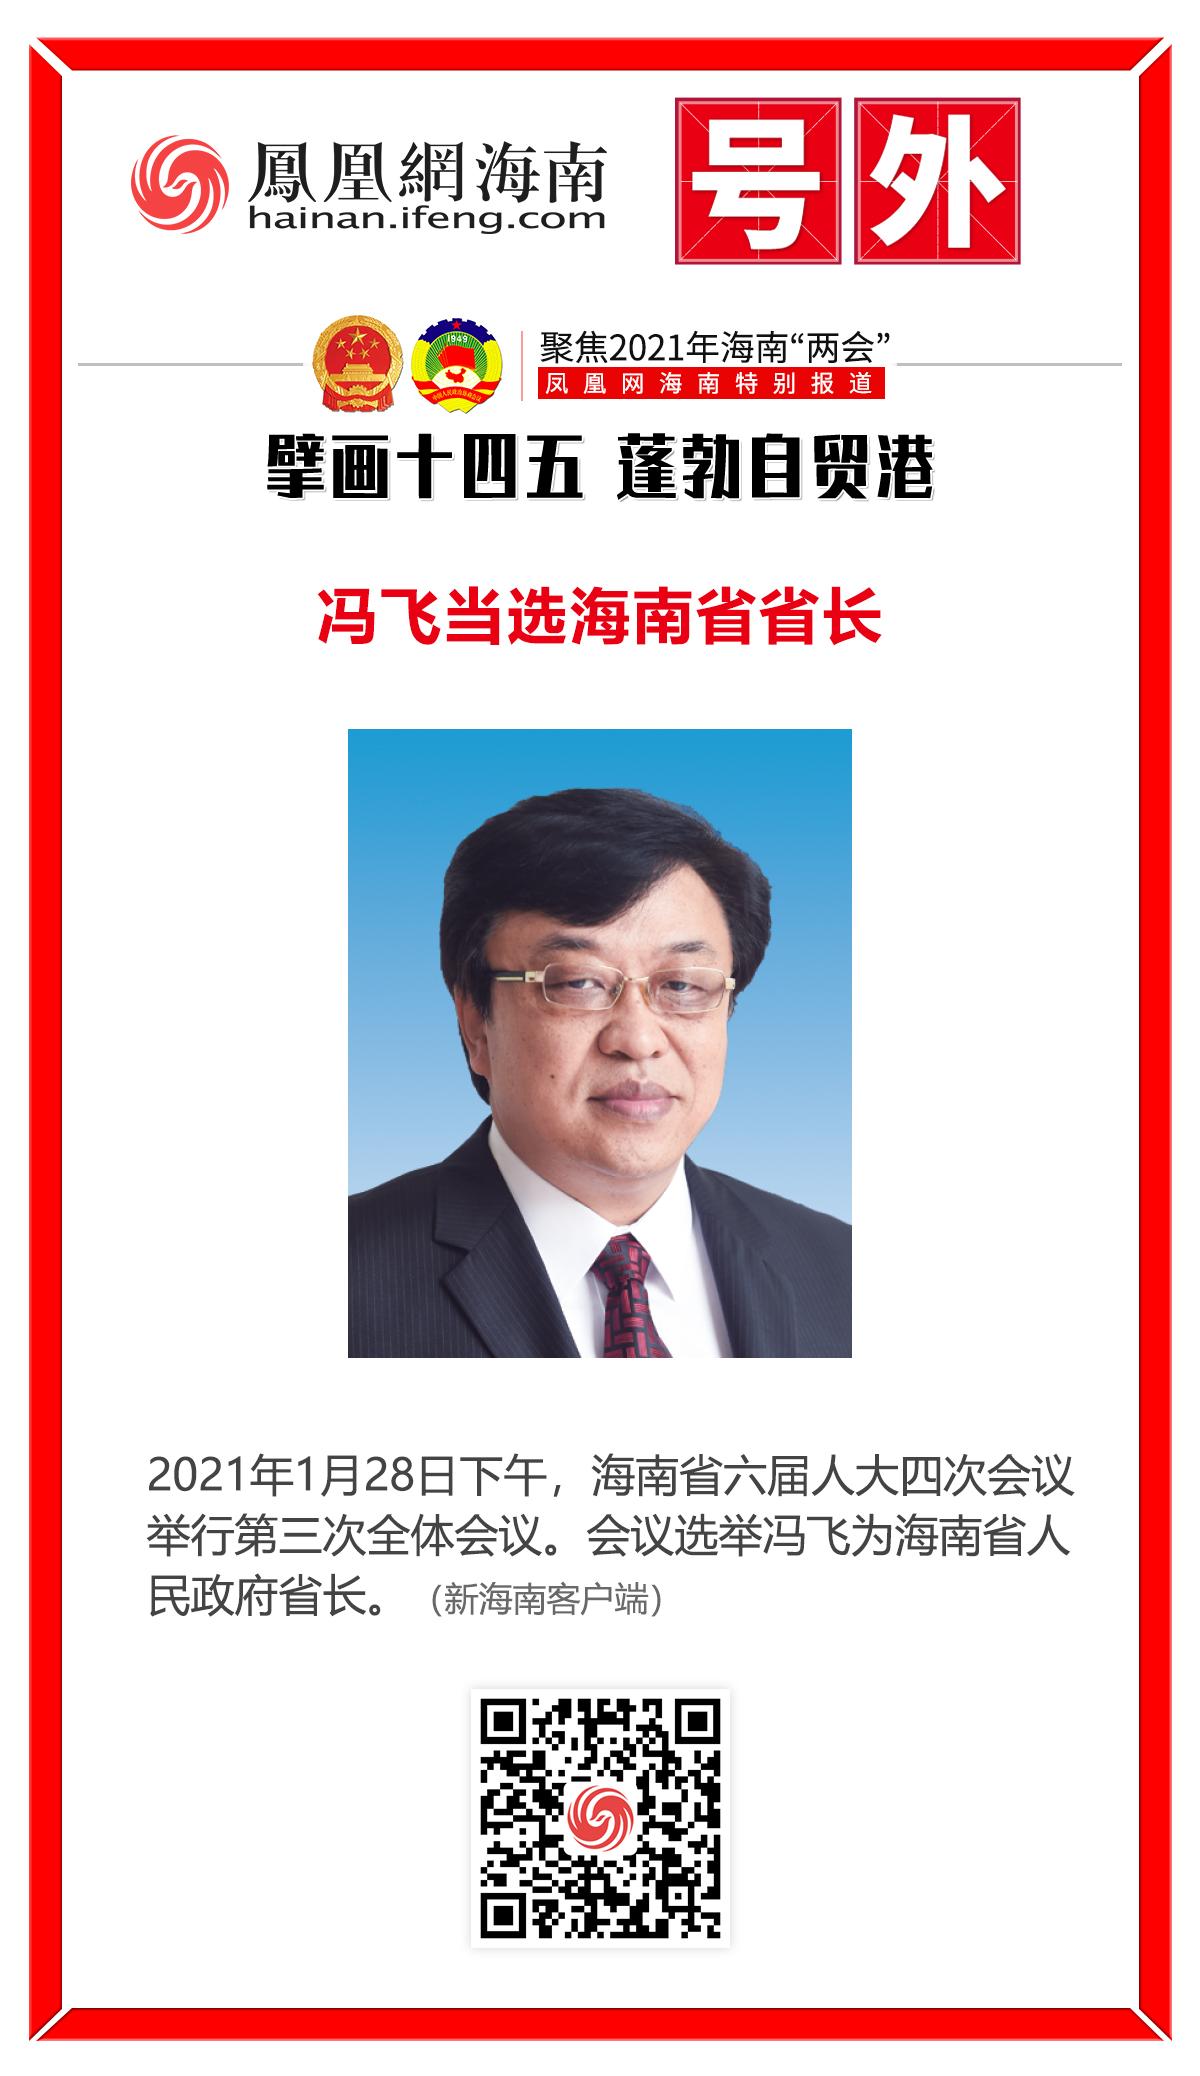 冯飞当选海南省省长